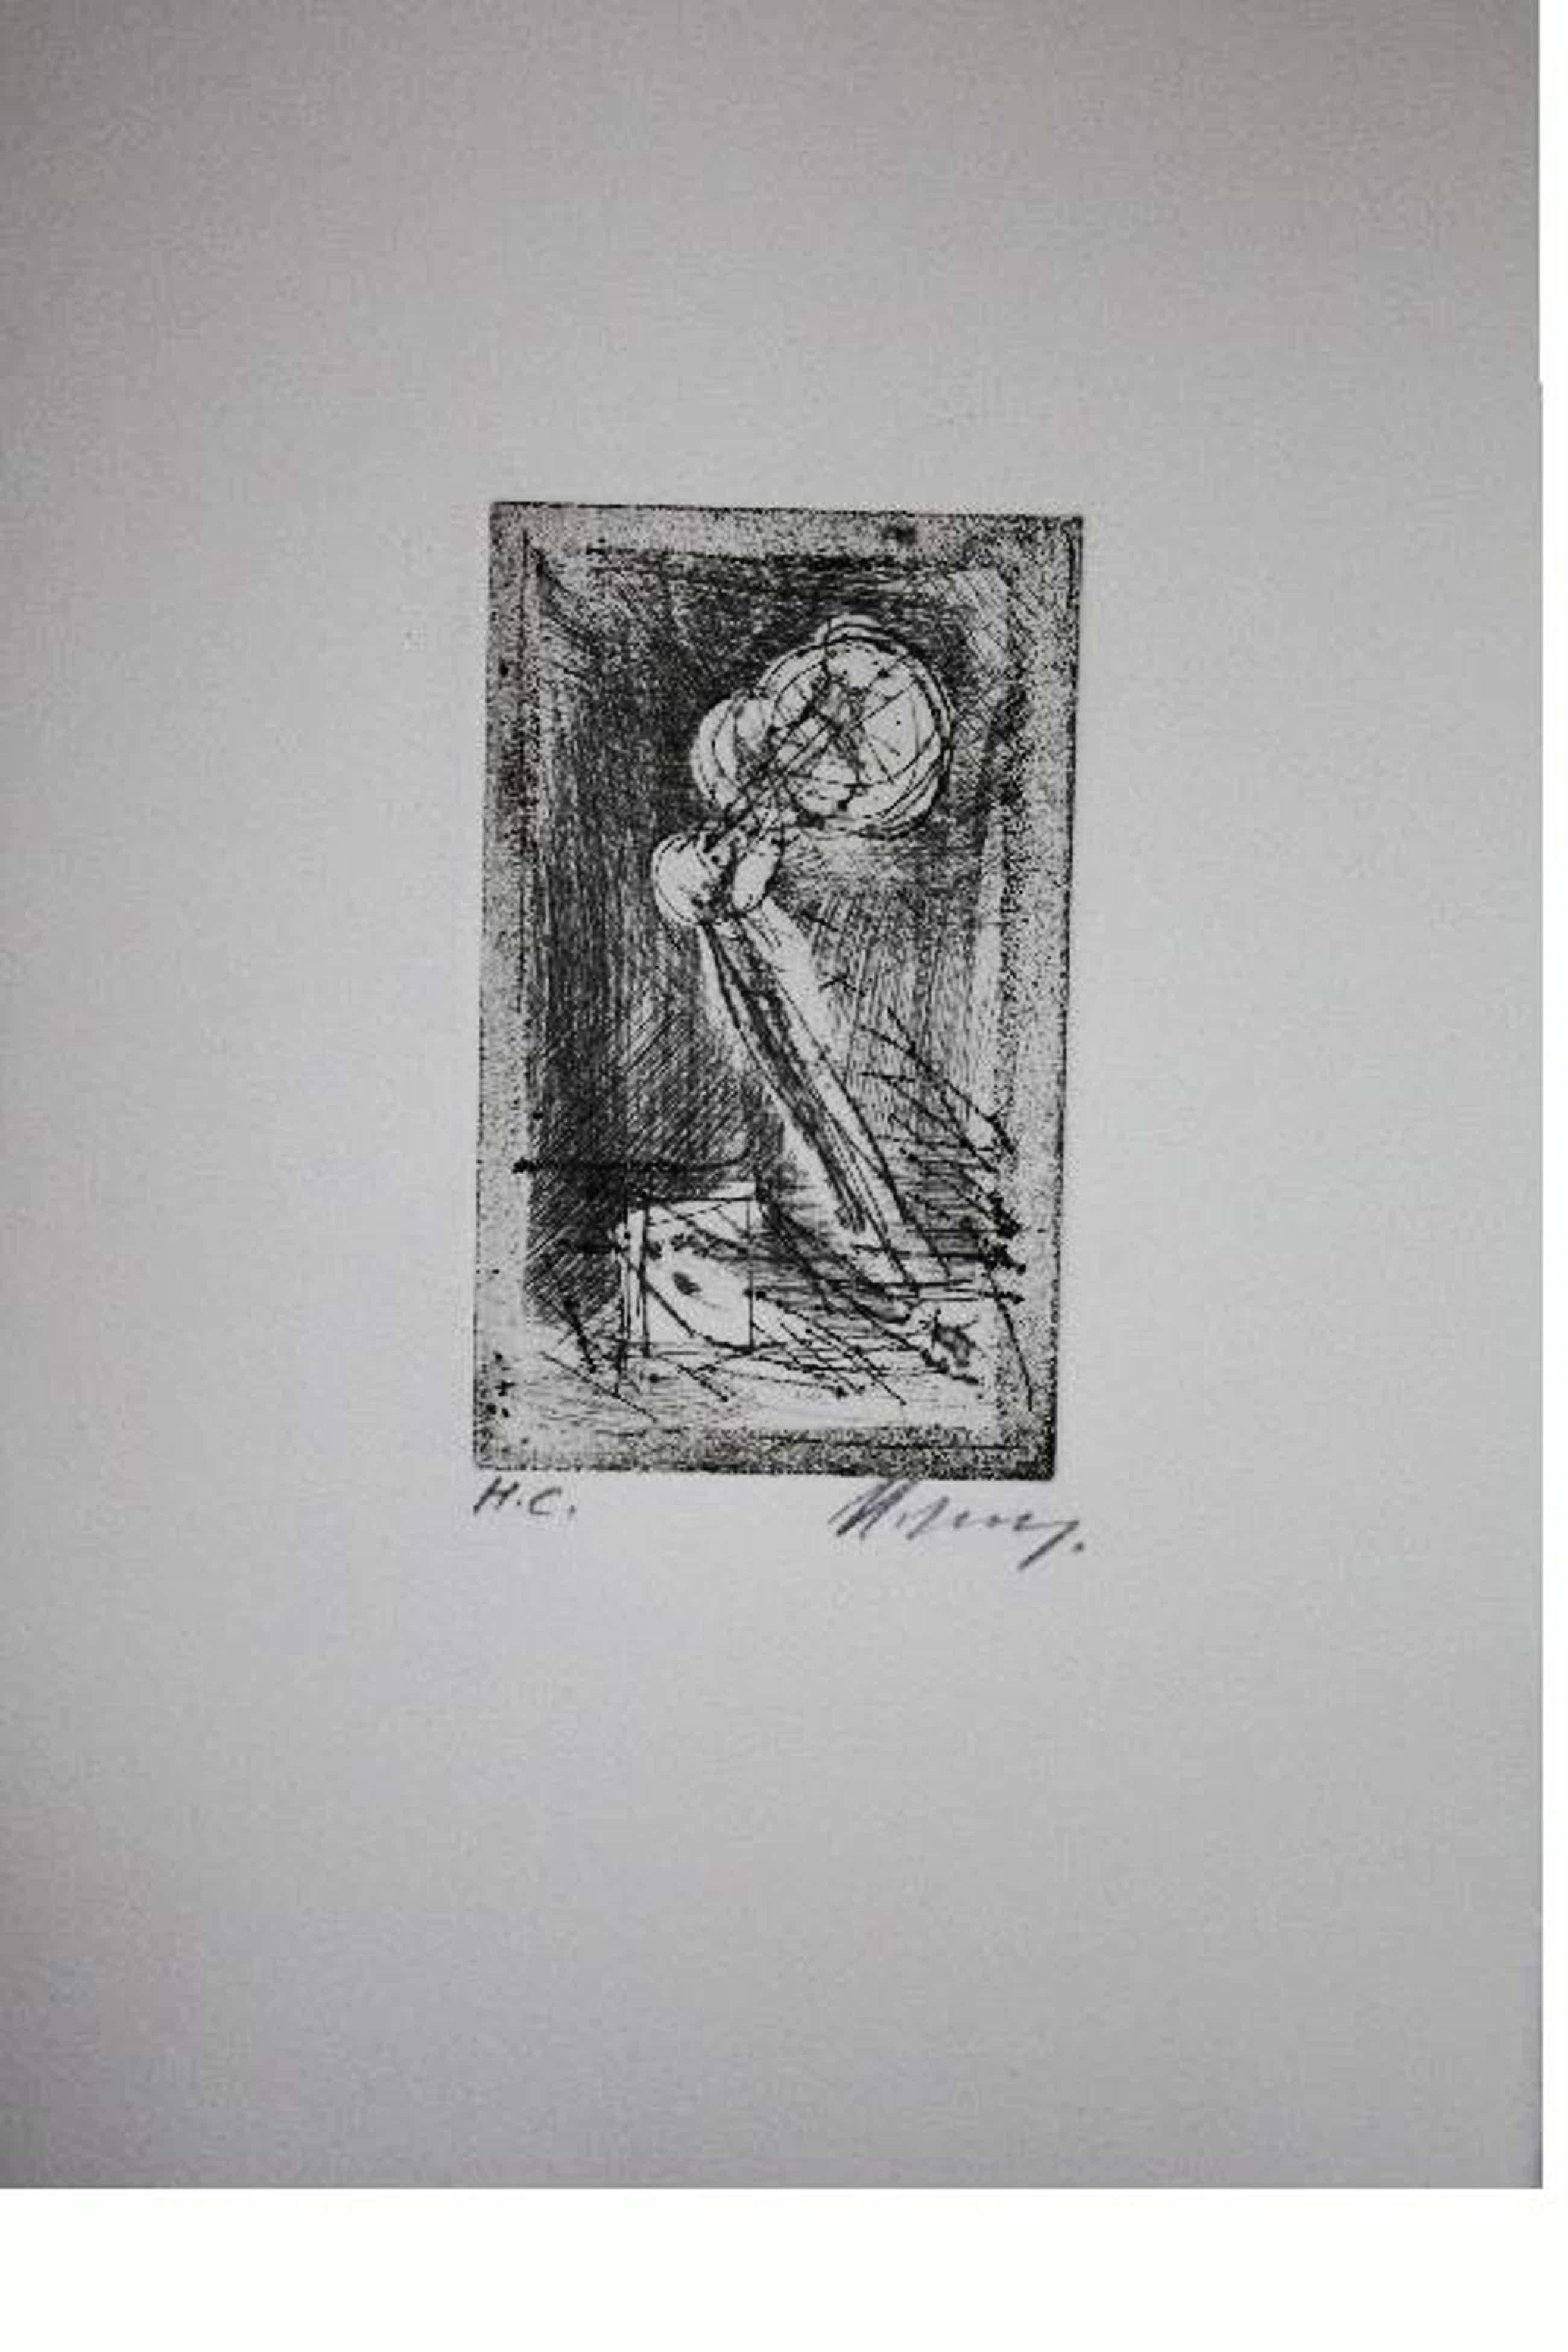 Rudolf Hoflehner - Studie III - Radierung auf Büttenpapier, handsigniert, bezeichnet mit H.C., 1965 kopen? Bied vanaf 190!